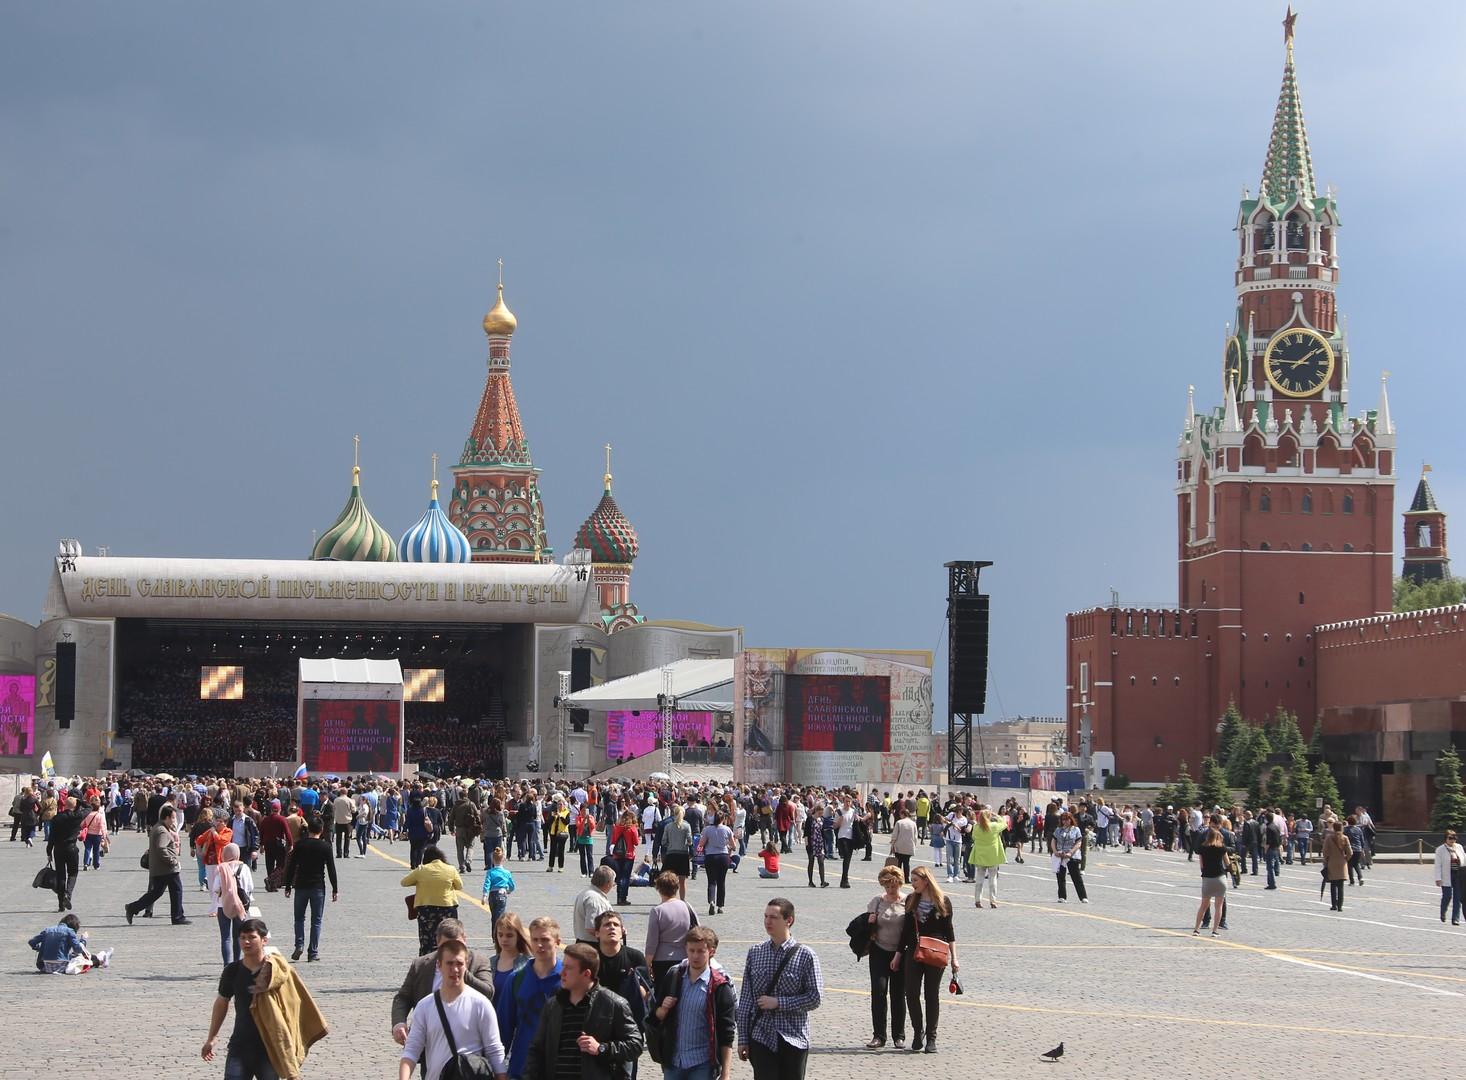 На Красной площади во время концерта по случаю Дня славянской письменности и культуры.